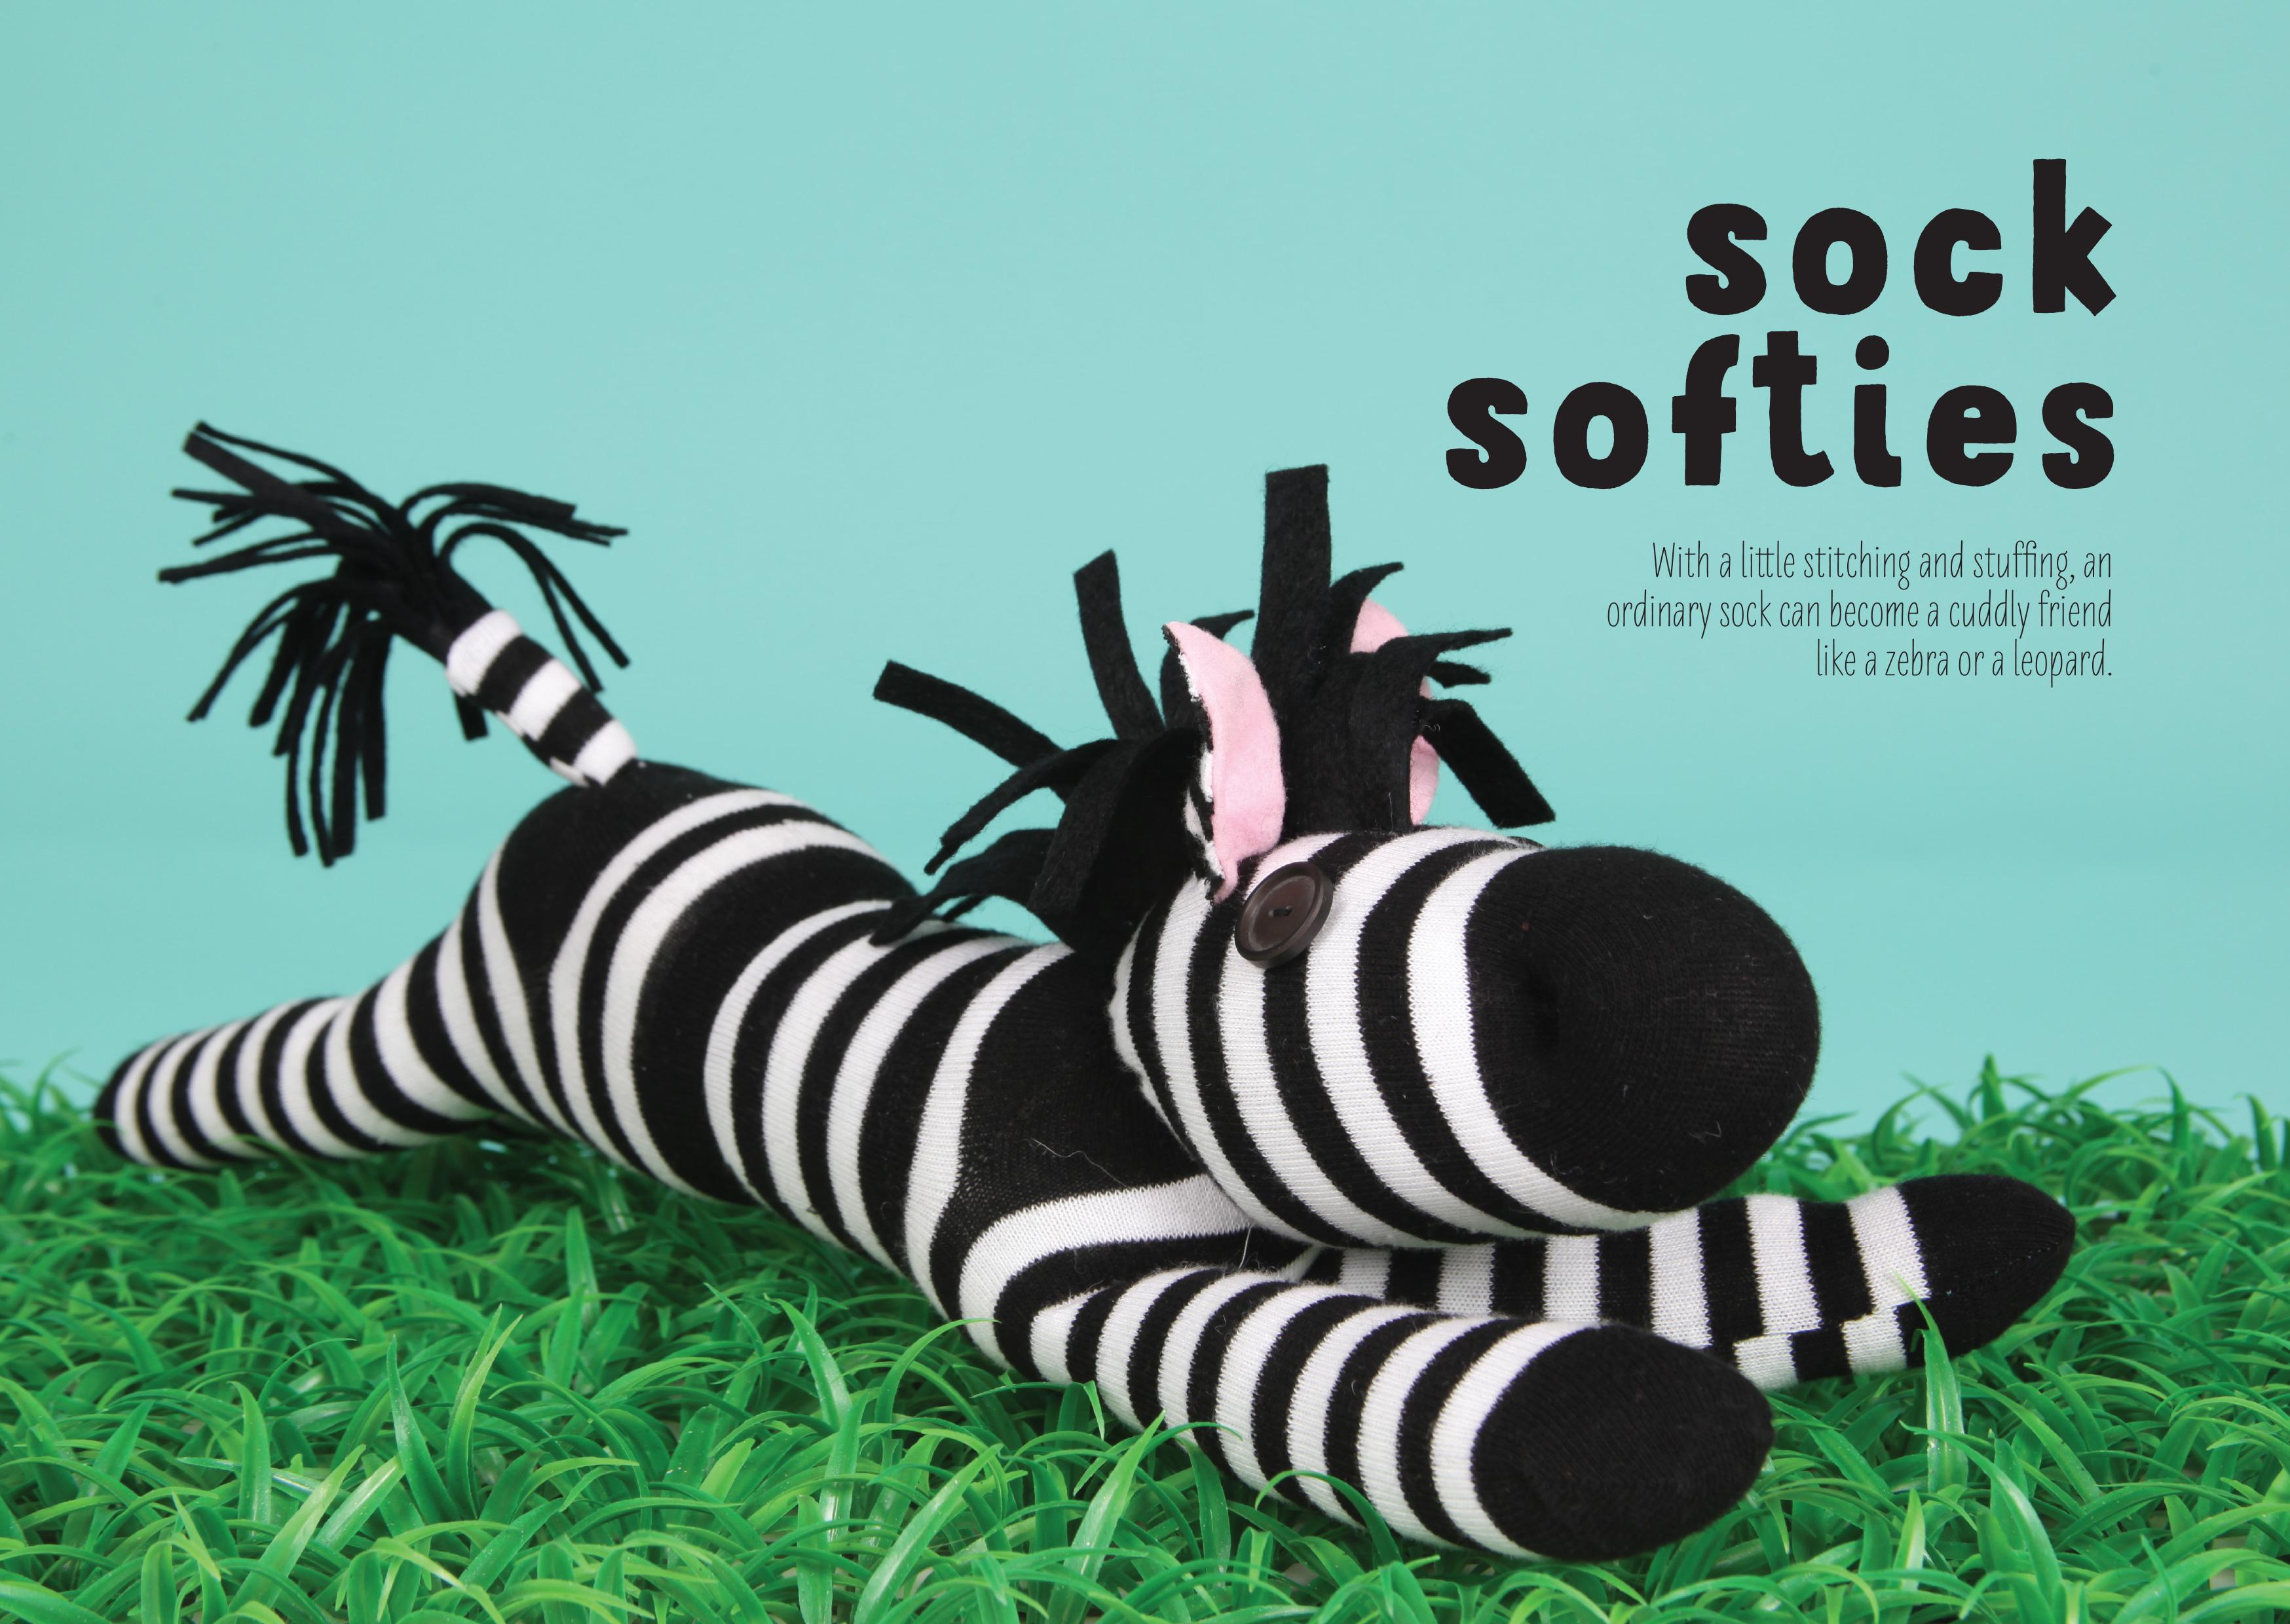 Lotta-sock-softies-1